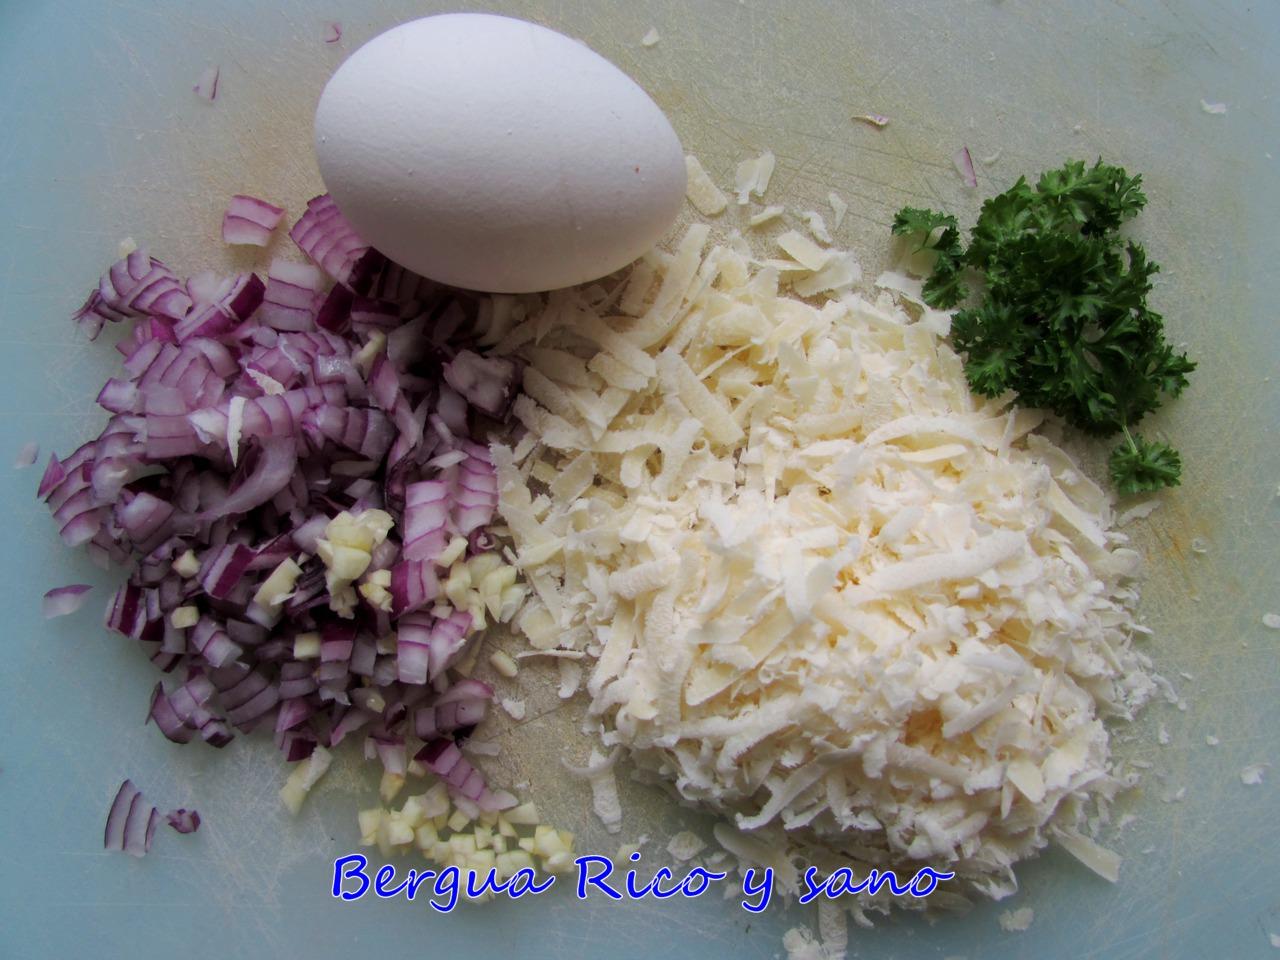 Comer rico y sano: Hamburguesas de coliflor - photo#22